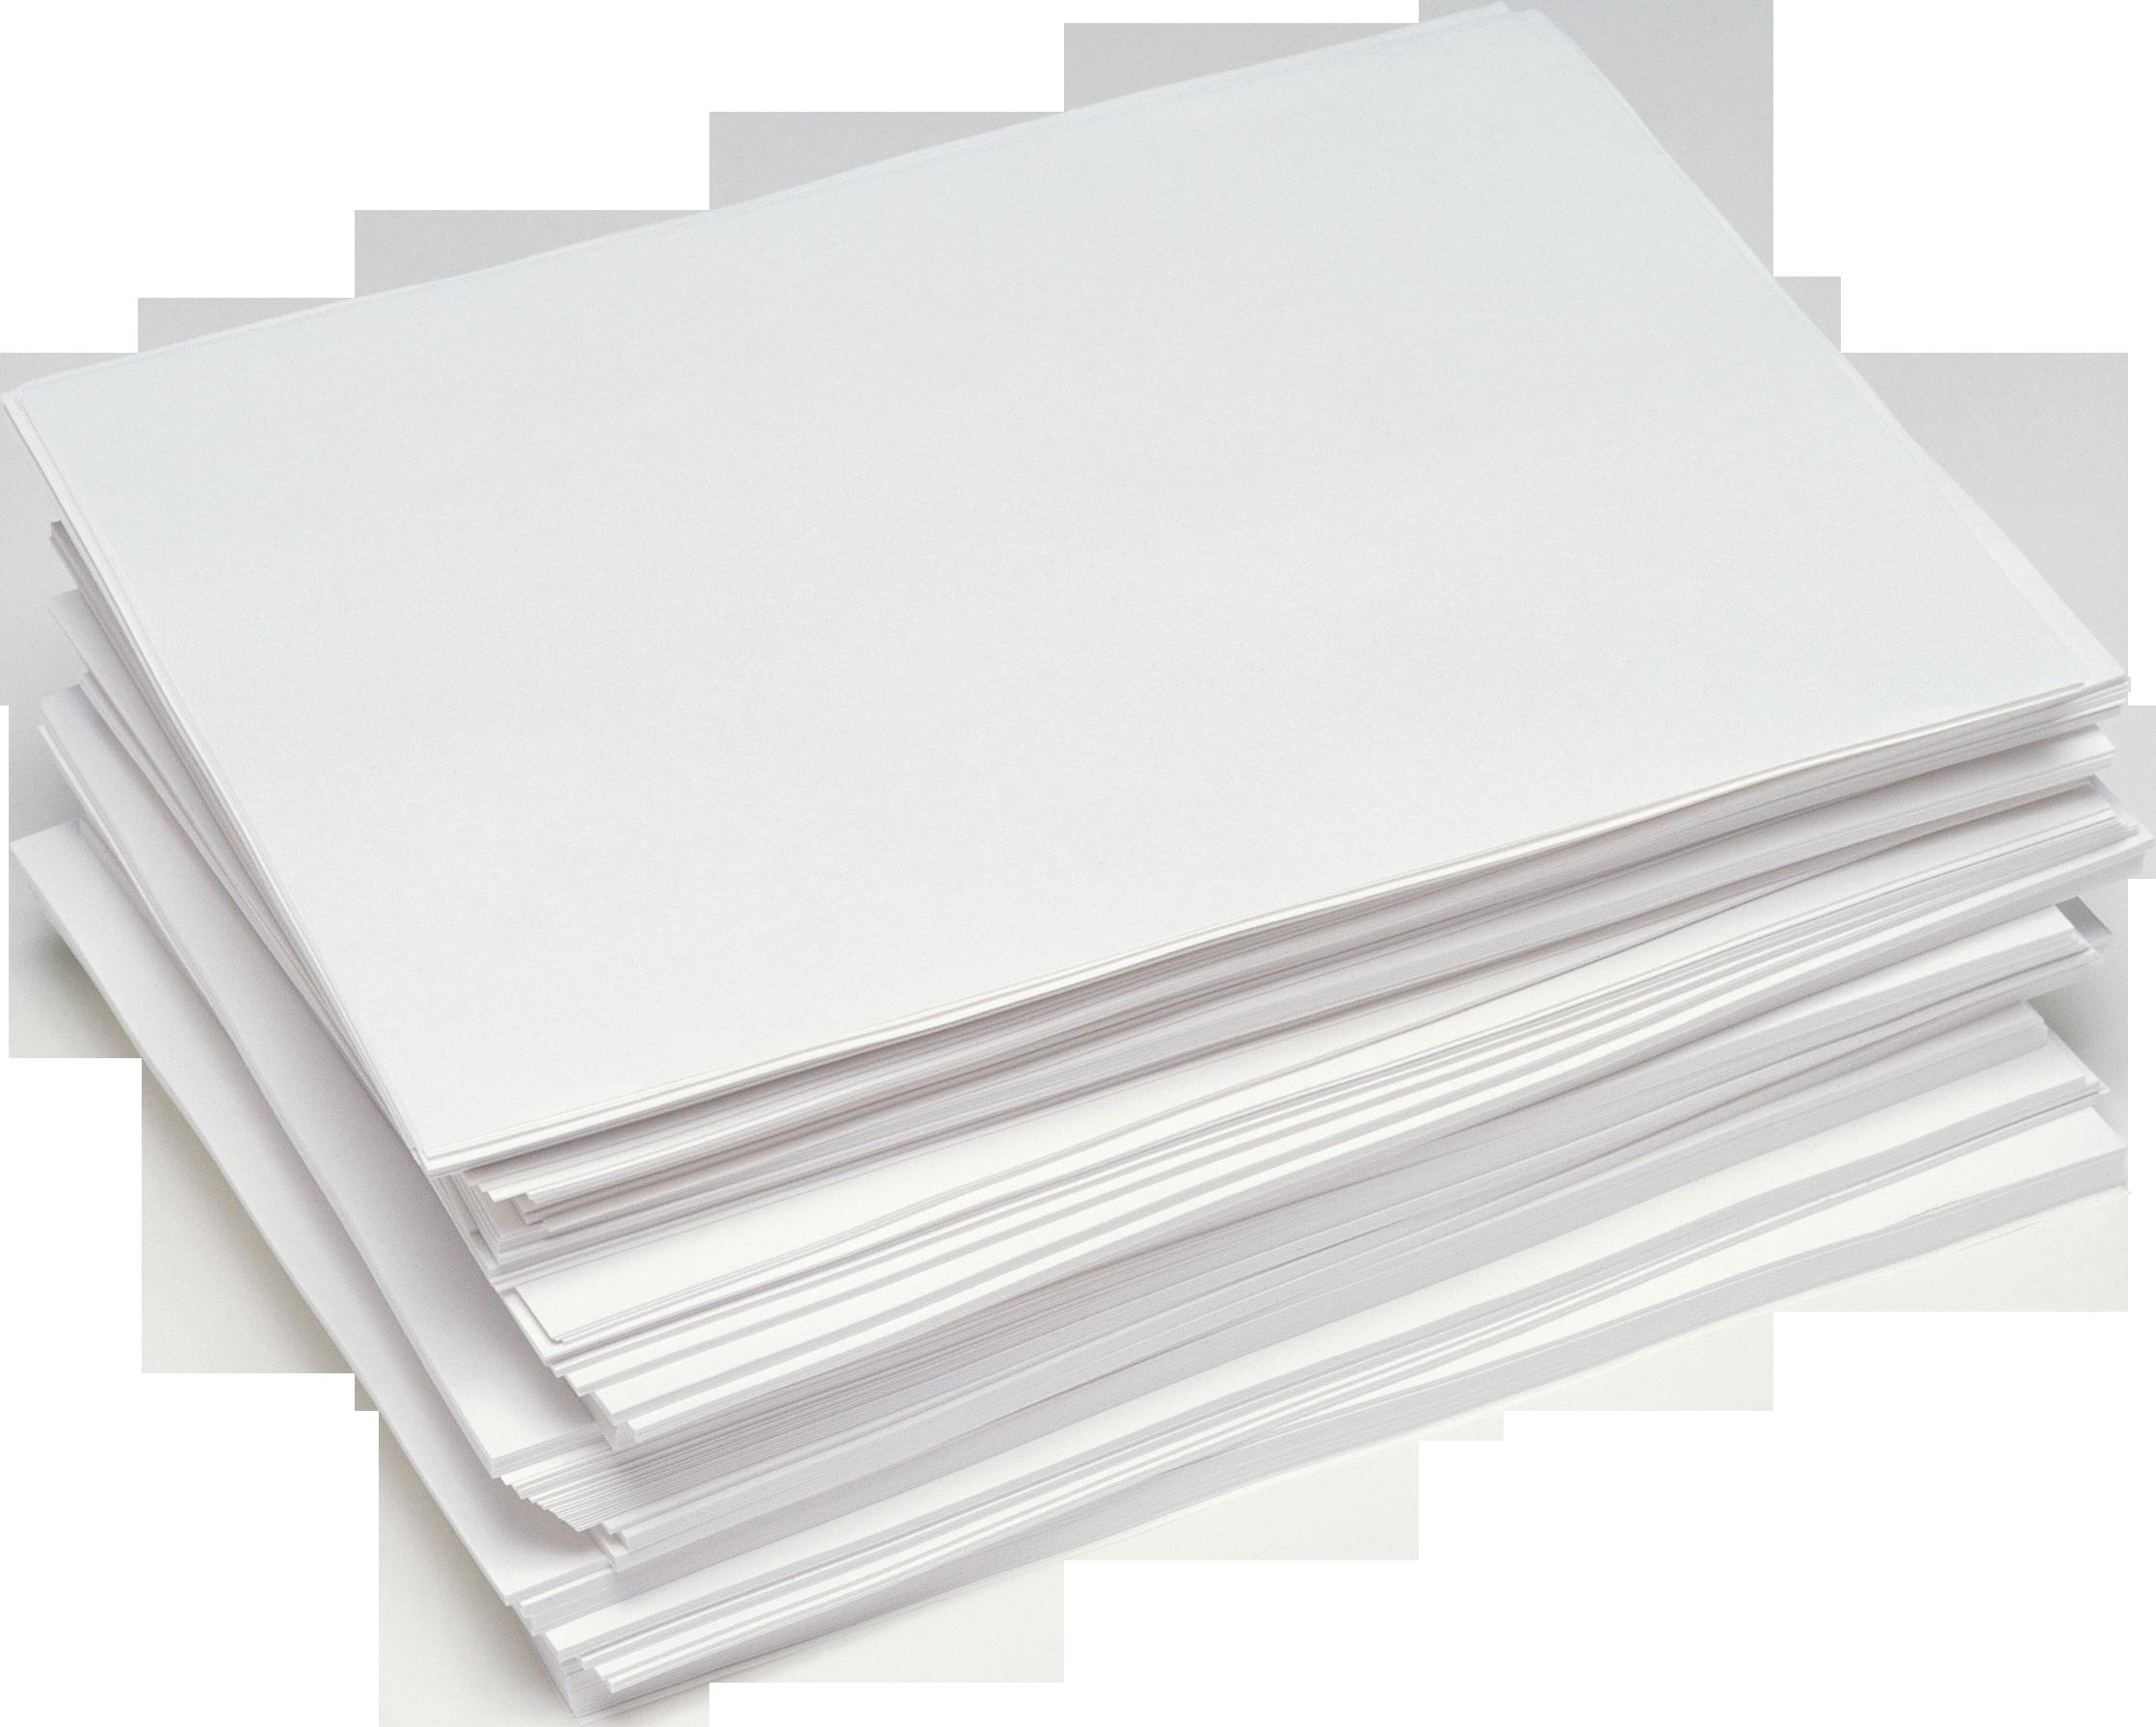 Бумага PNG, лист бумаги PNG, листок бумаги PNG